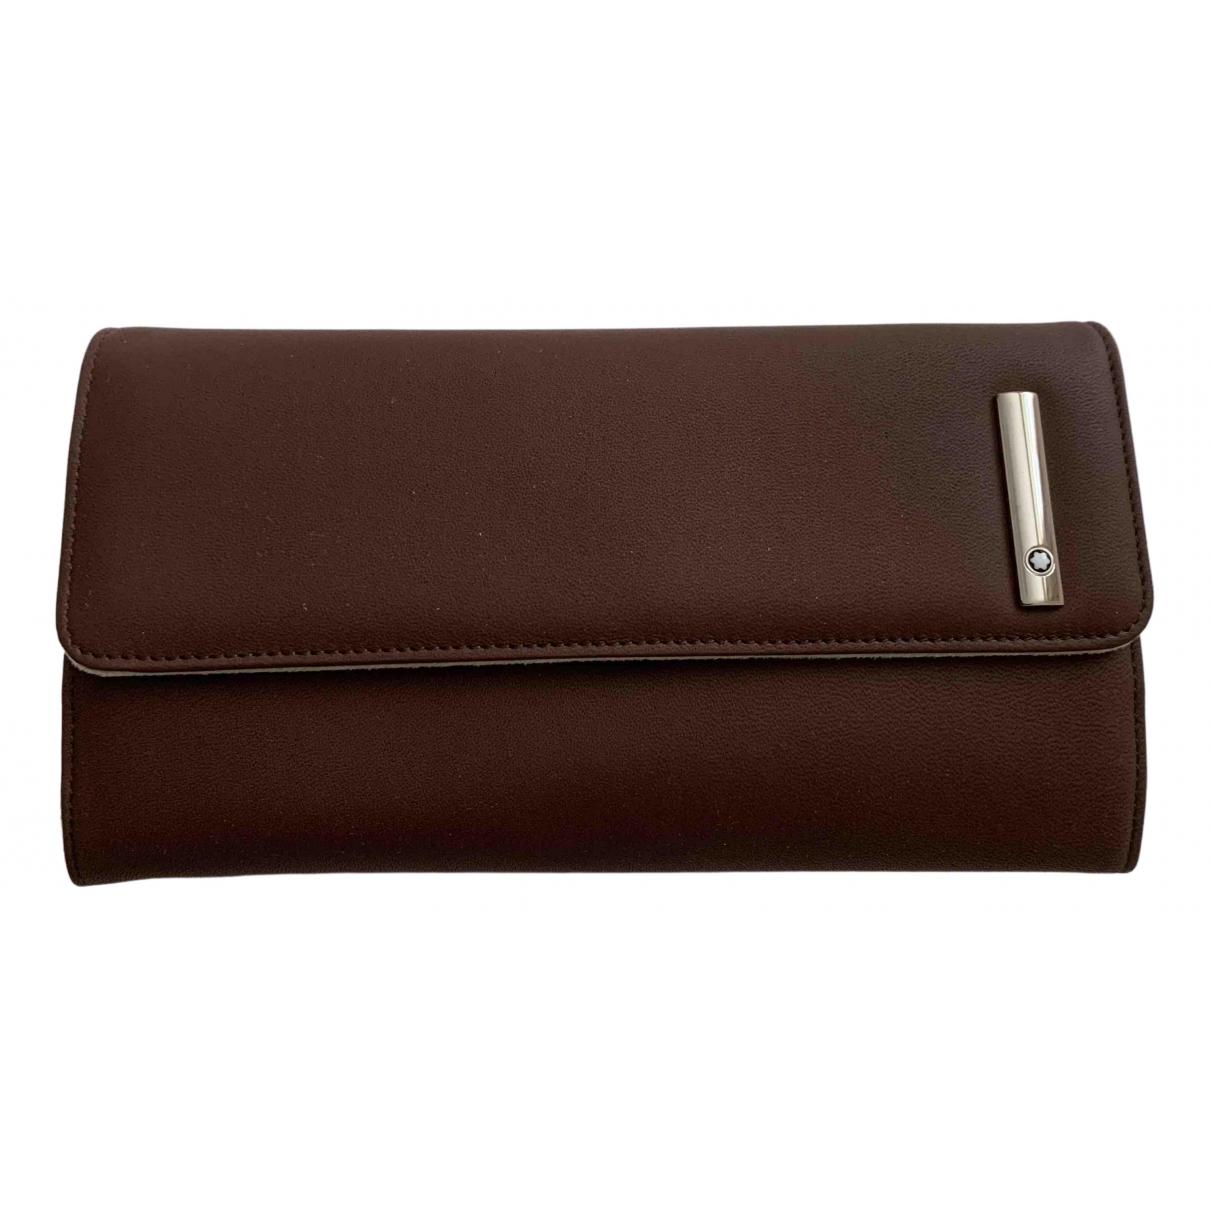 Montblanc - Portefeuille   pour femme en cuir - marron